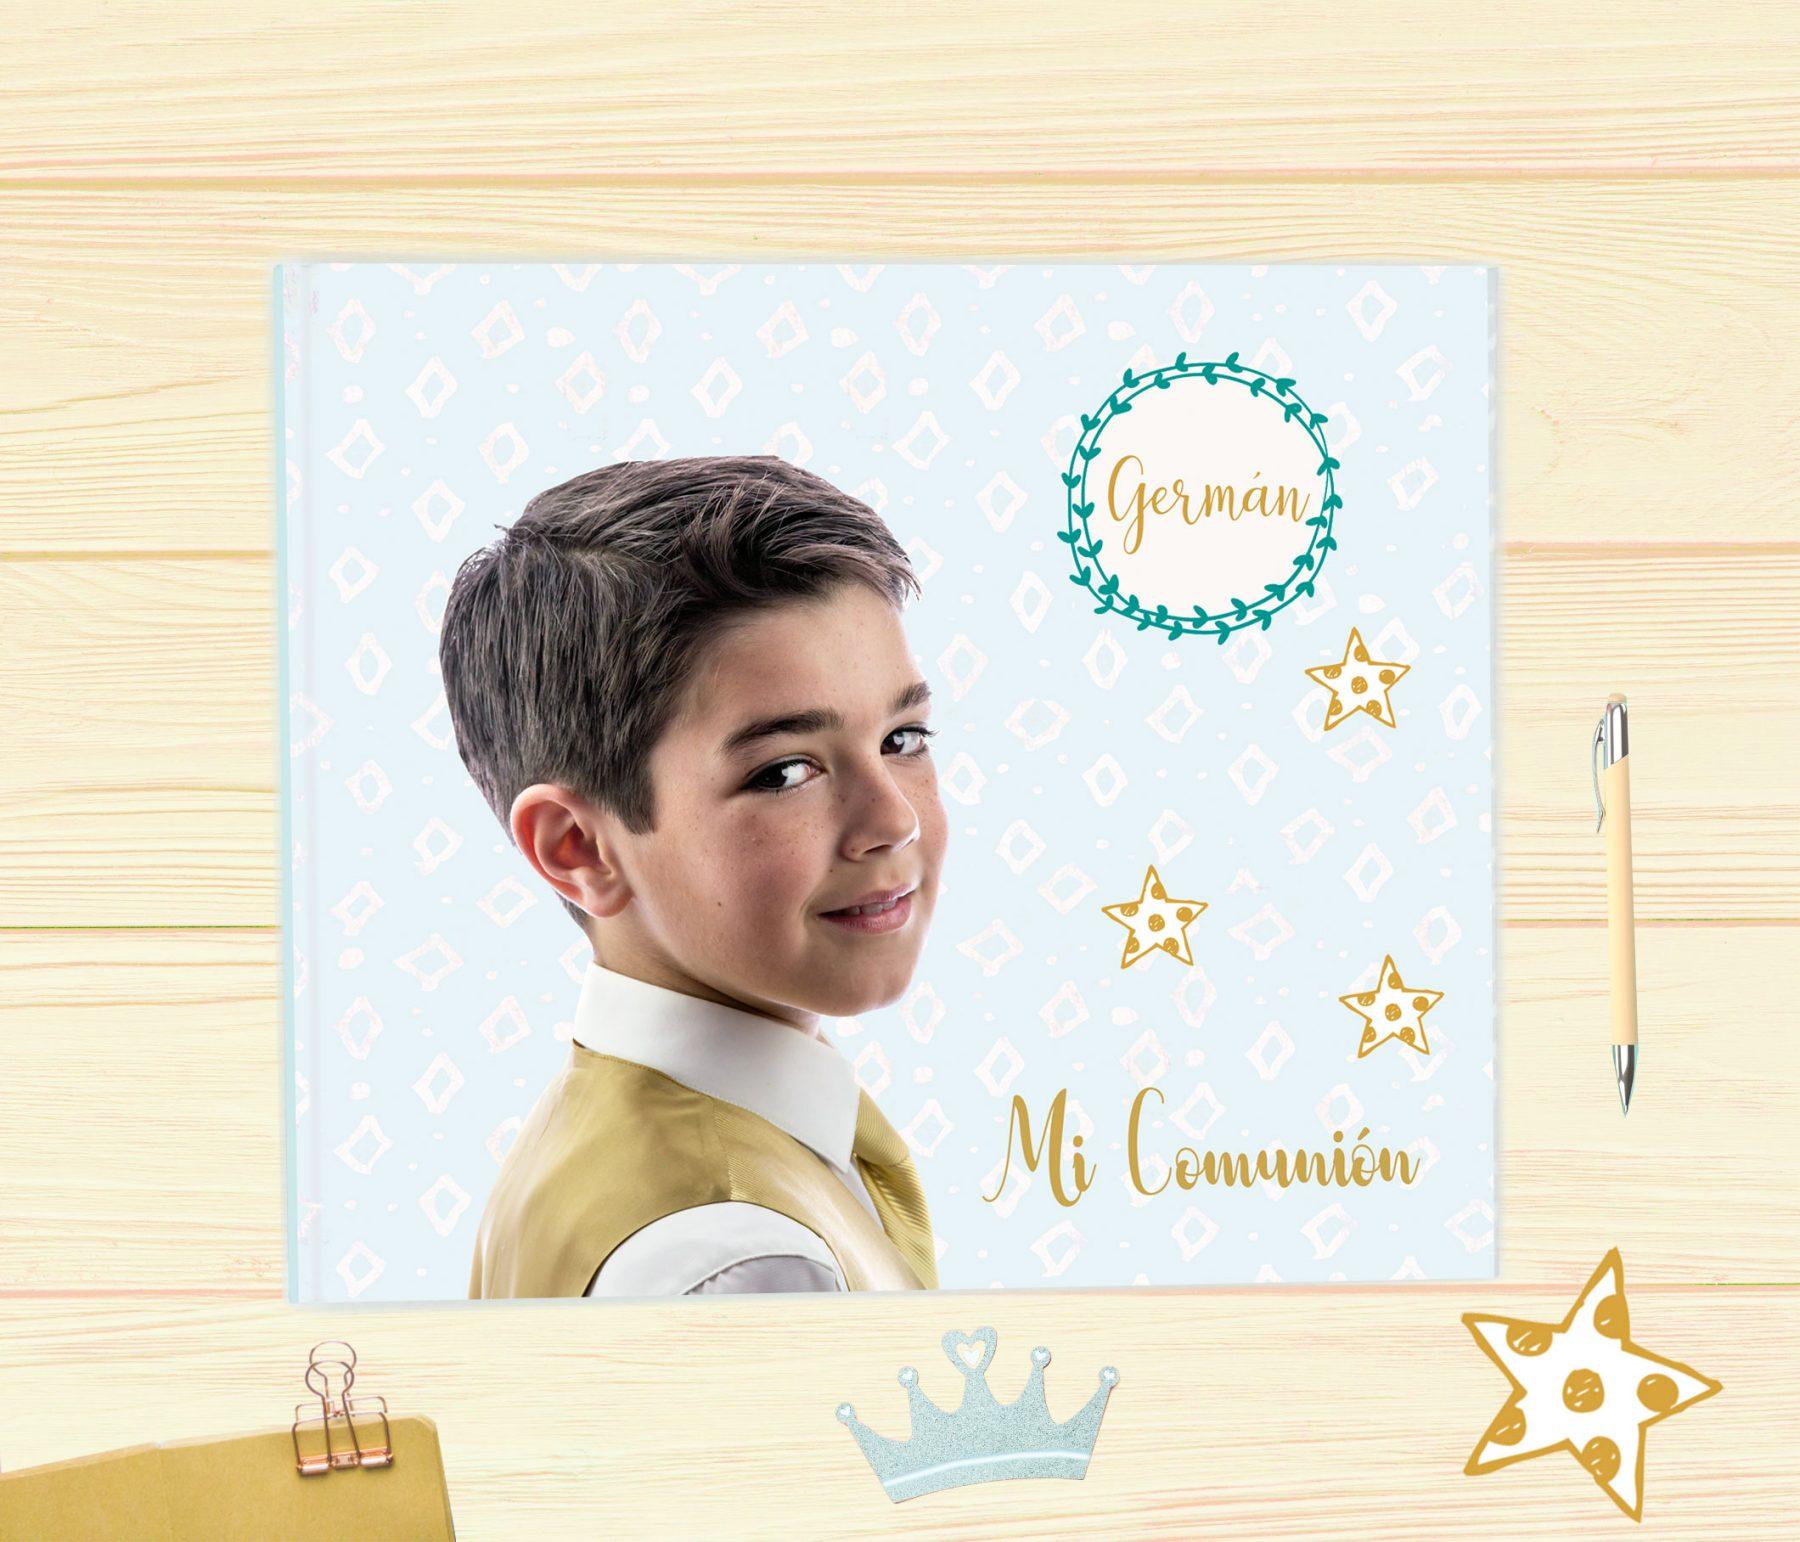 Álbum de comunión niño modelo foto